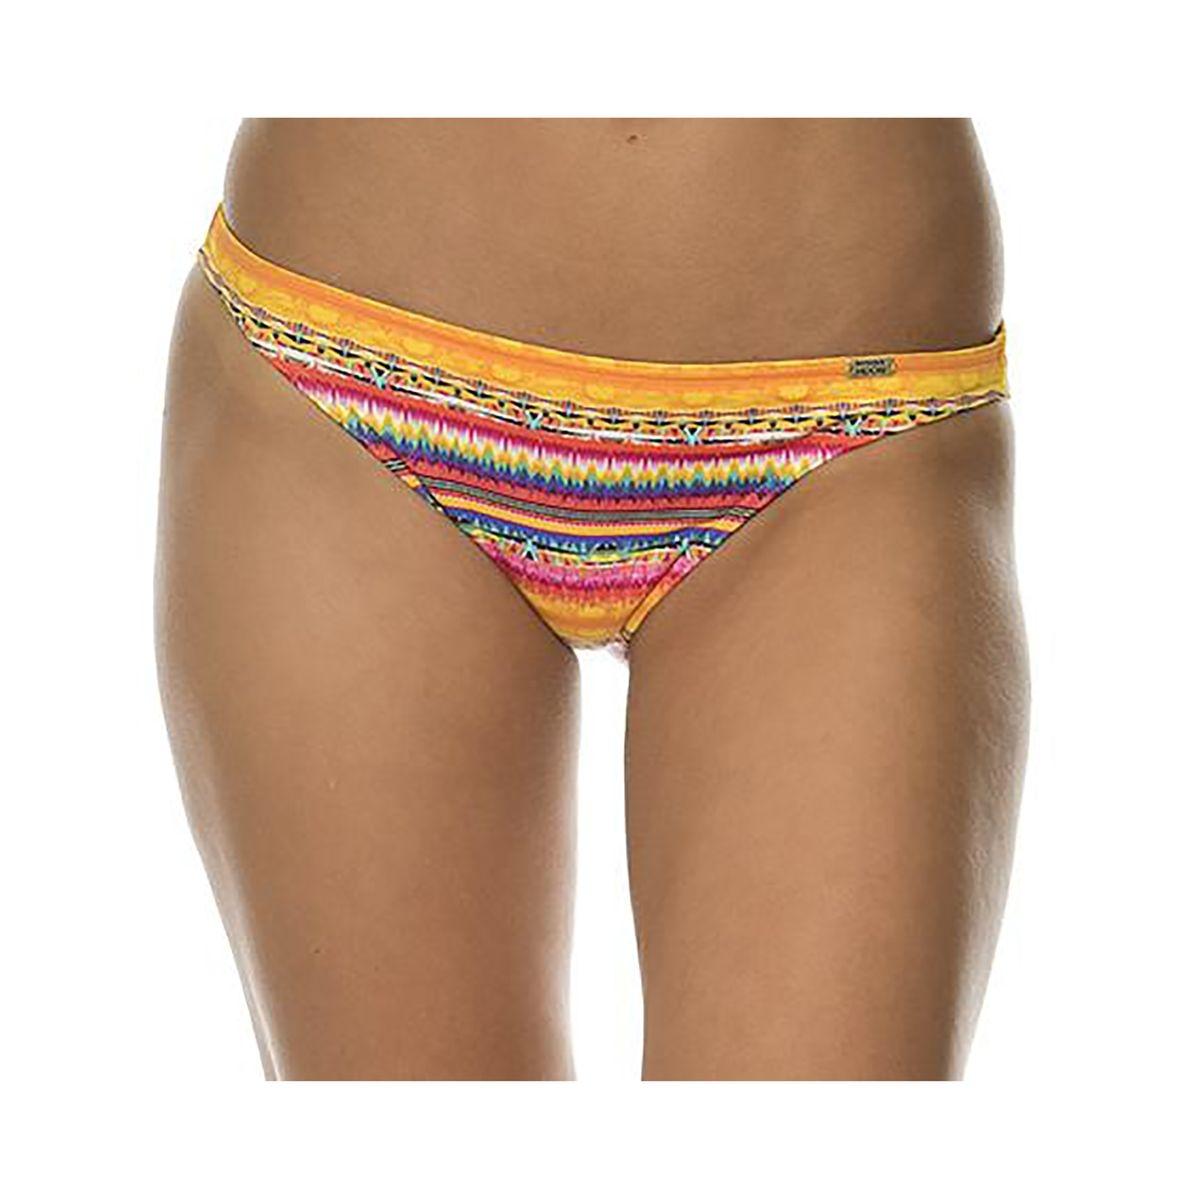 Bas de maillot de bain culotte bikini imprimé